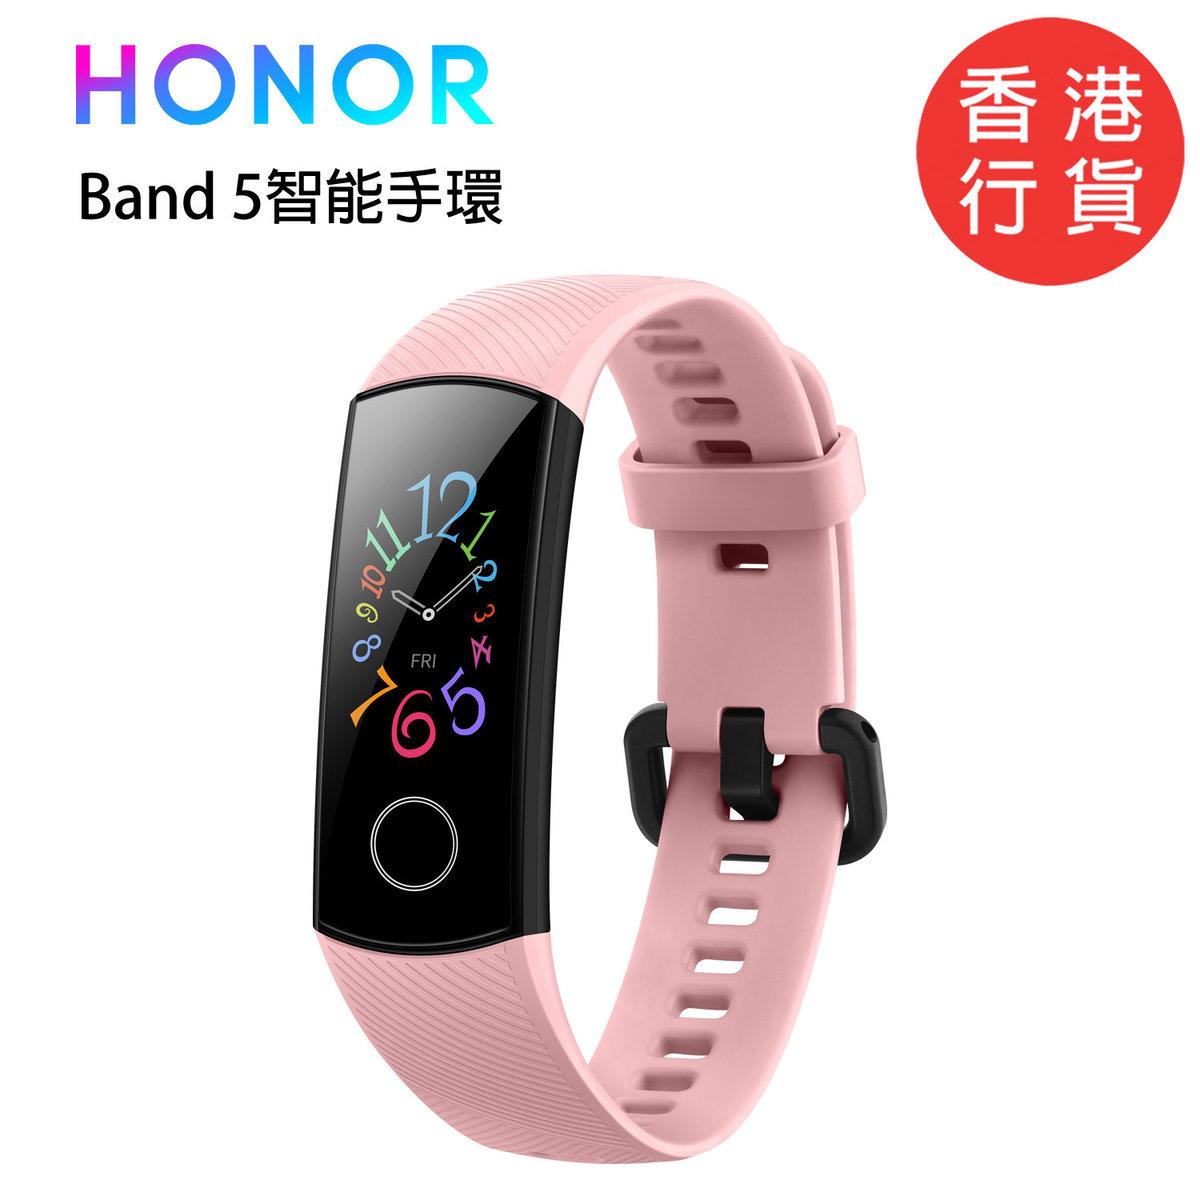 Band 5 Smart band - Coral Pink